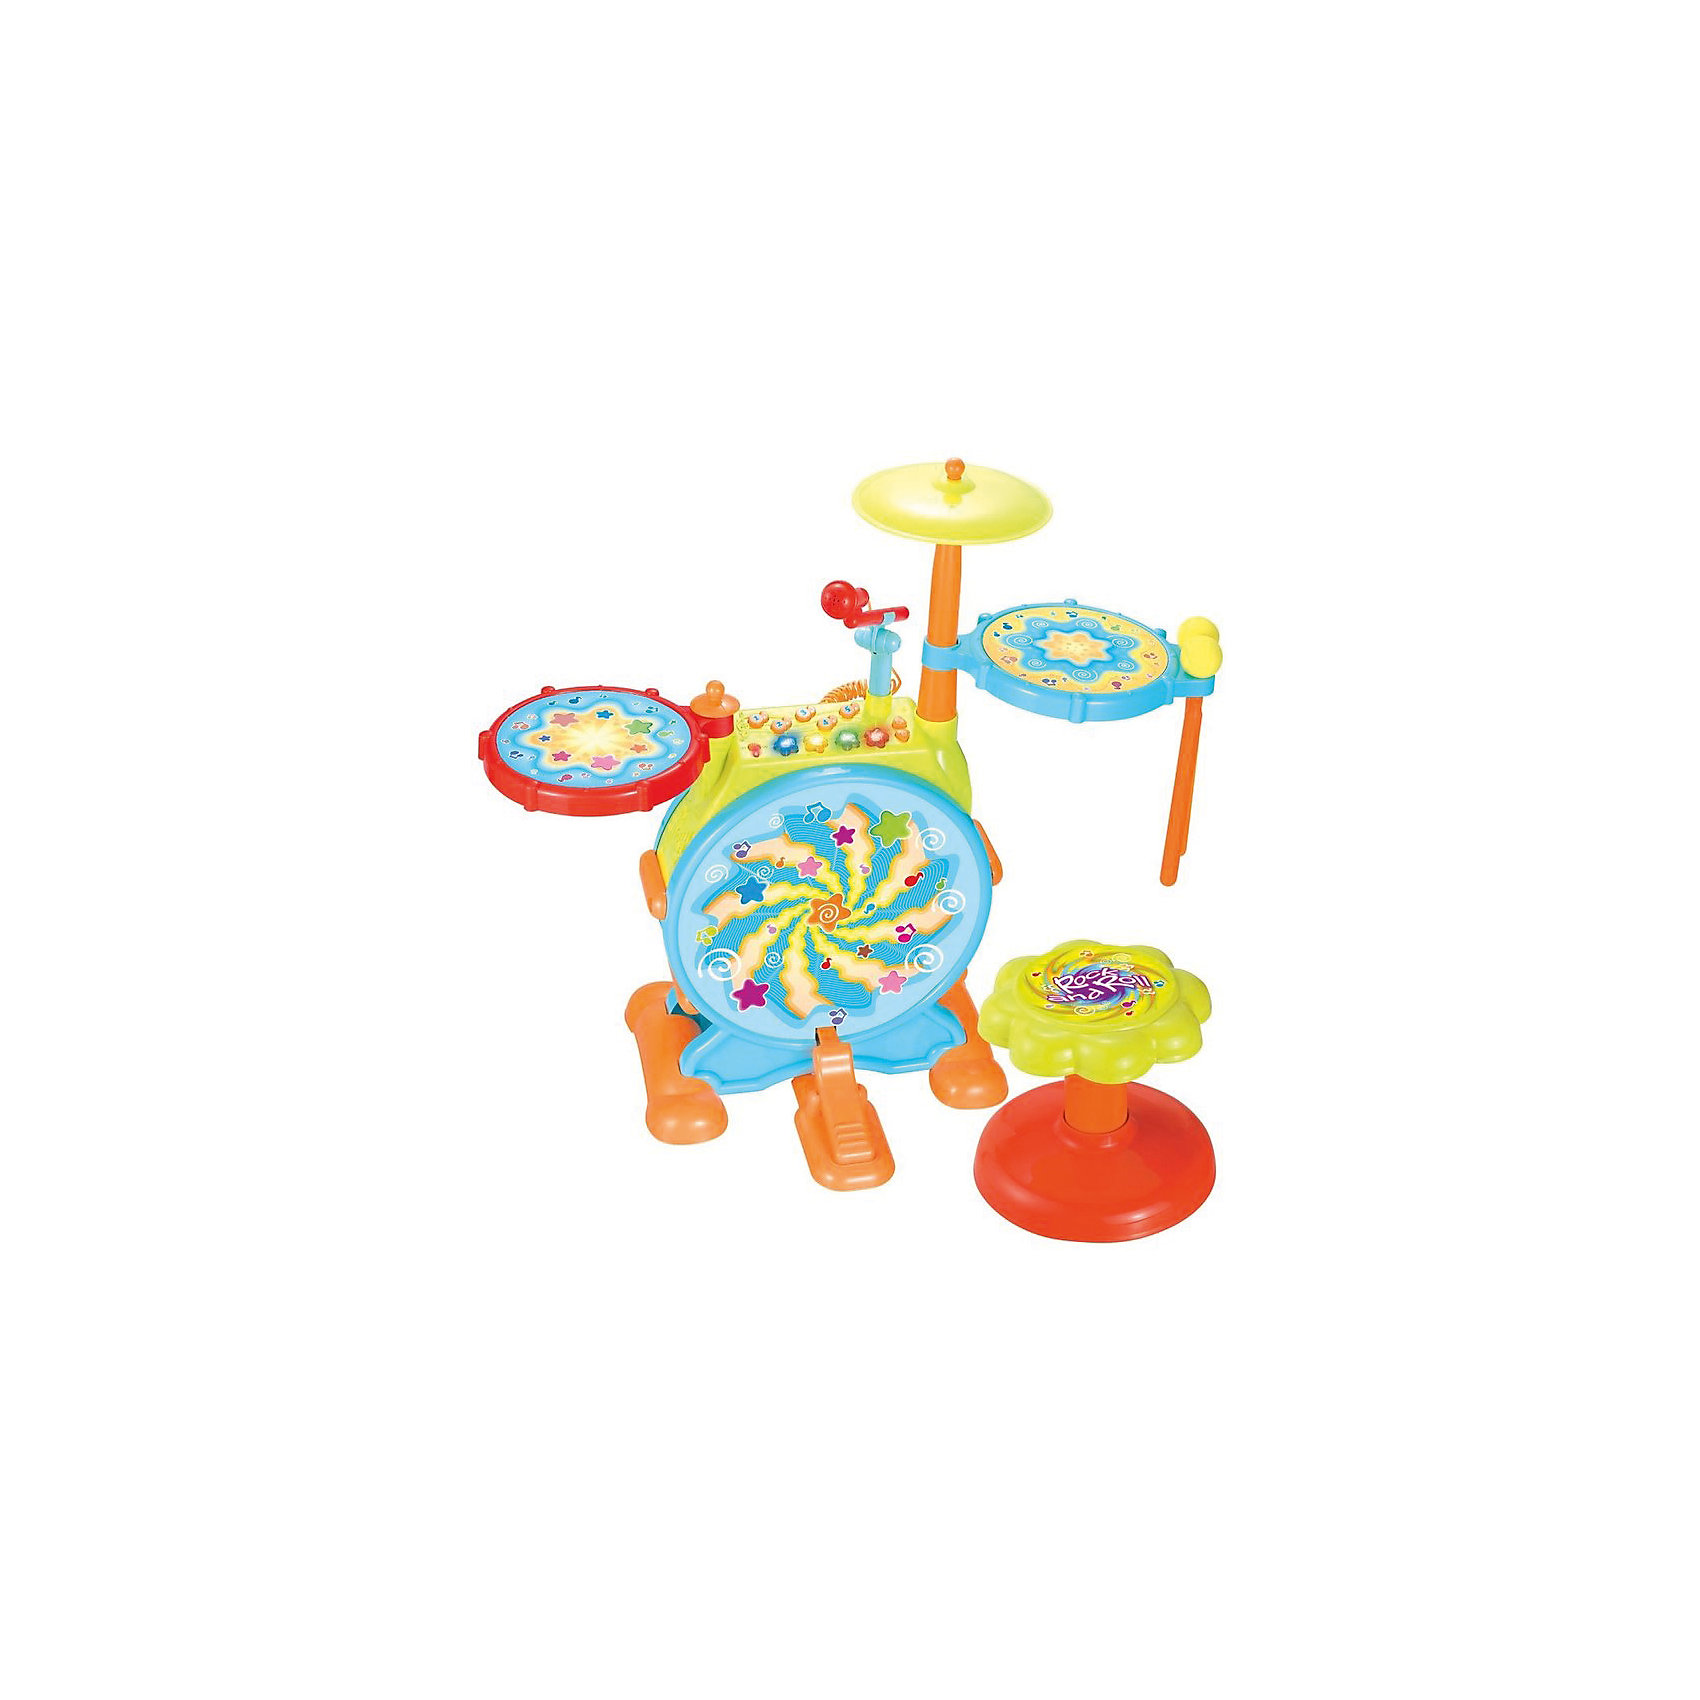 Музыкальный центр с барабанной установкой Huile ToysБарабаны<br>Эта игрушка -  хит продаж и мечта всех юных музыкантов.Воспитывает интерес к музыке и развивает моторику рук и ног.Можно петь в микрофон, можно играть на барабанной установке, можно сочетать.Игрушка имеет в памяти 10 отрывков песен, 5 отрывков веселых мелодий и 3 отрывка динамичной танцевальной музыки.<br>При ударе палочками (с мягкими шарами, в качестве ударной части) по 2-м боковым барабанам и по тарелке - различные звуковые эффекты (забавные звуки). Педаль - звук удара по большому барабану. Пять кнопок (нотки)  с различными мелодиями. Кнопки звёздочки: 1 - одиночный звук удара по барабану, 2- забавный звук, 3 - мелодия, 4- ритмический рисунок.  Регулировка громкости звучания.Питание: 3*АА (нет в комплекте).<br><br>Ширина мм: 430<br>Глубина мм: 120<br>Высота мм: 530<br>Вес г: 3100<br>Возраст от месяцев: 36<br>Возраст до месяцев: 60<br>Пол: Унисекс<br>Возраст: Детский<br>SKU: 7172258